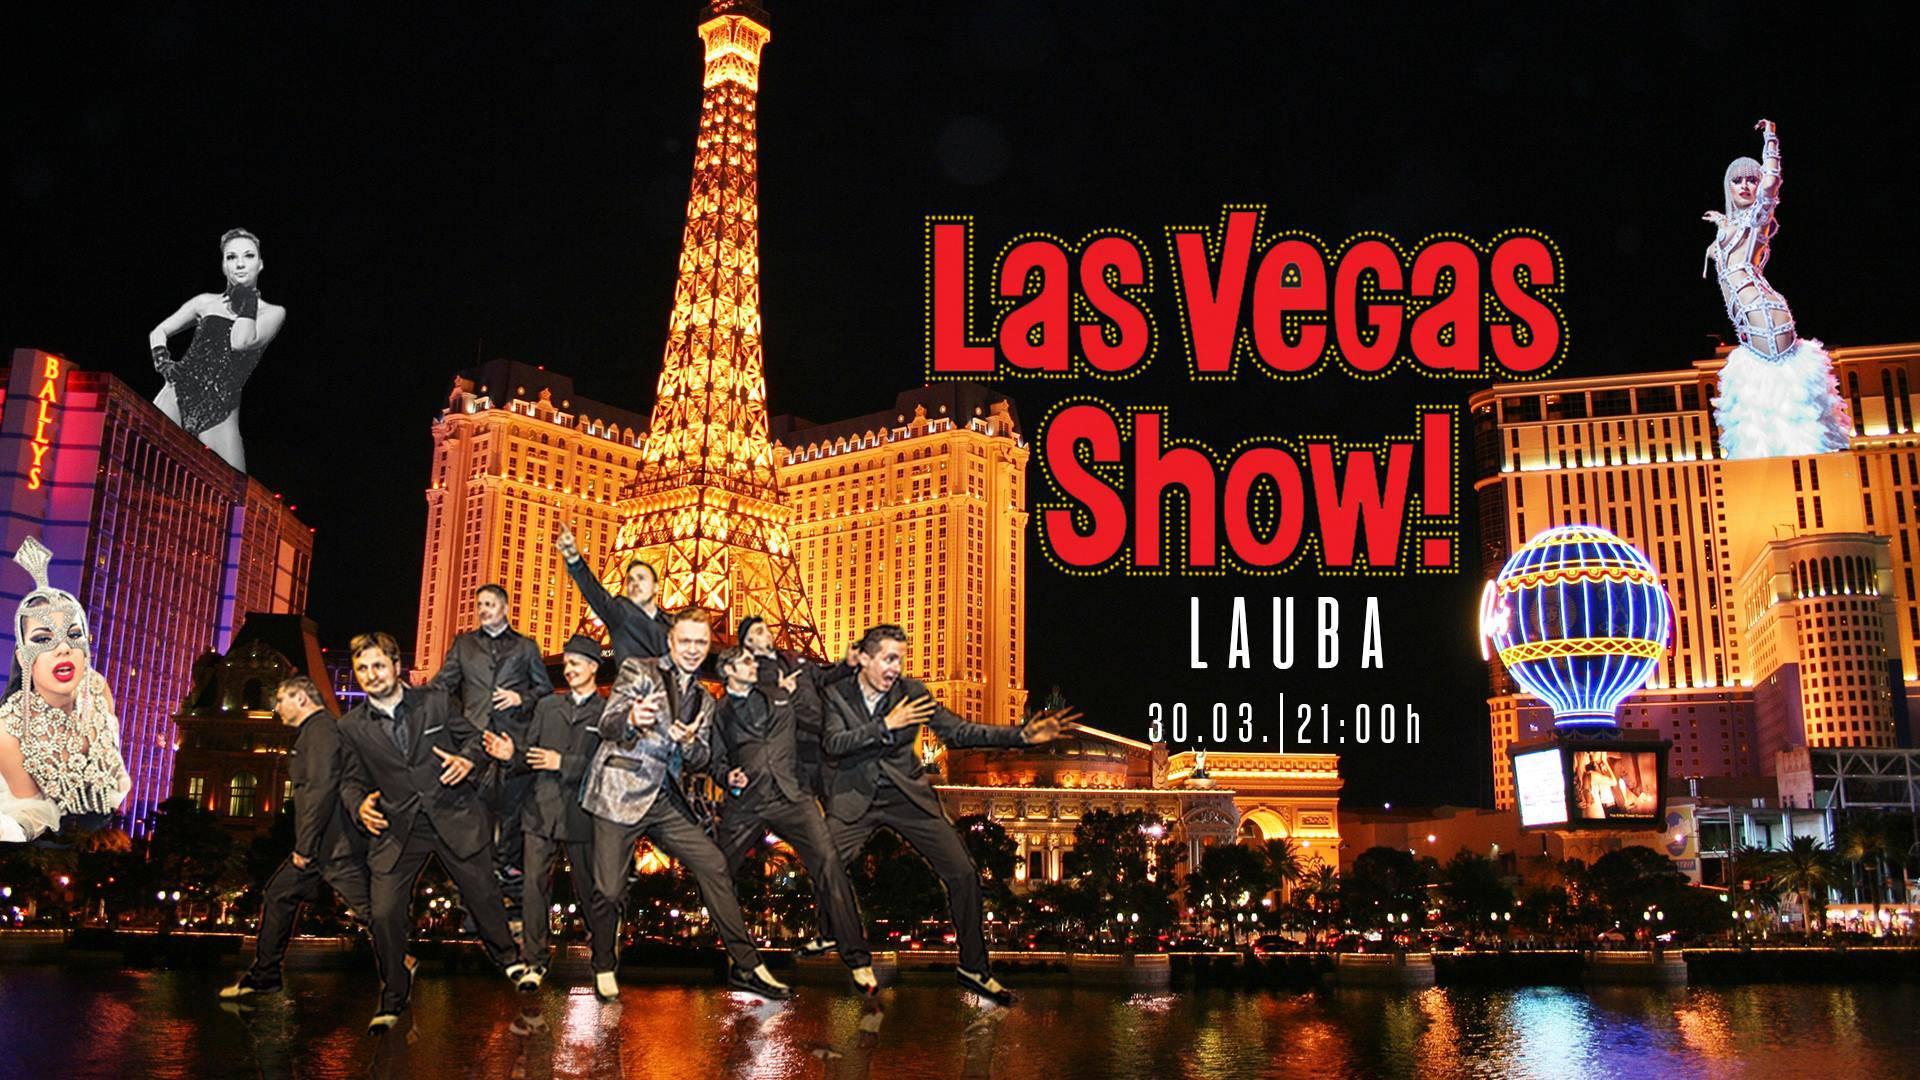 Las Vegas Show uskoro u Laubi - Poznati svi detalji